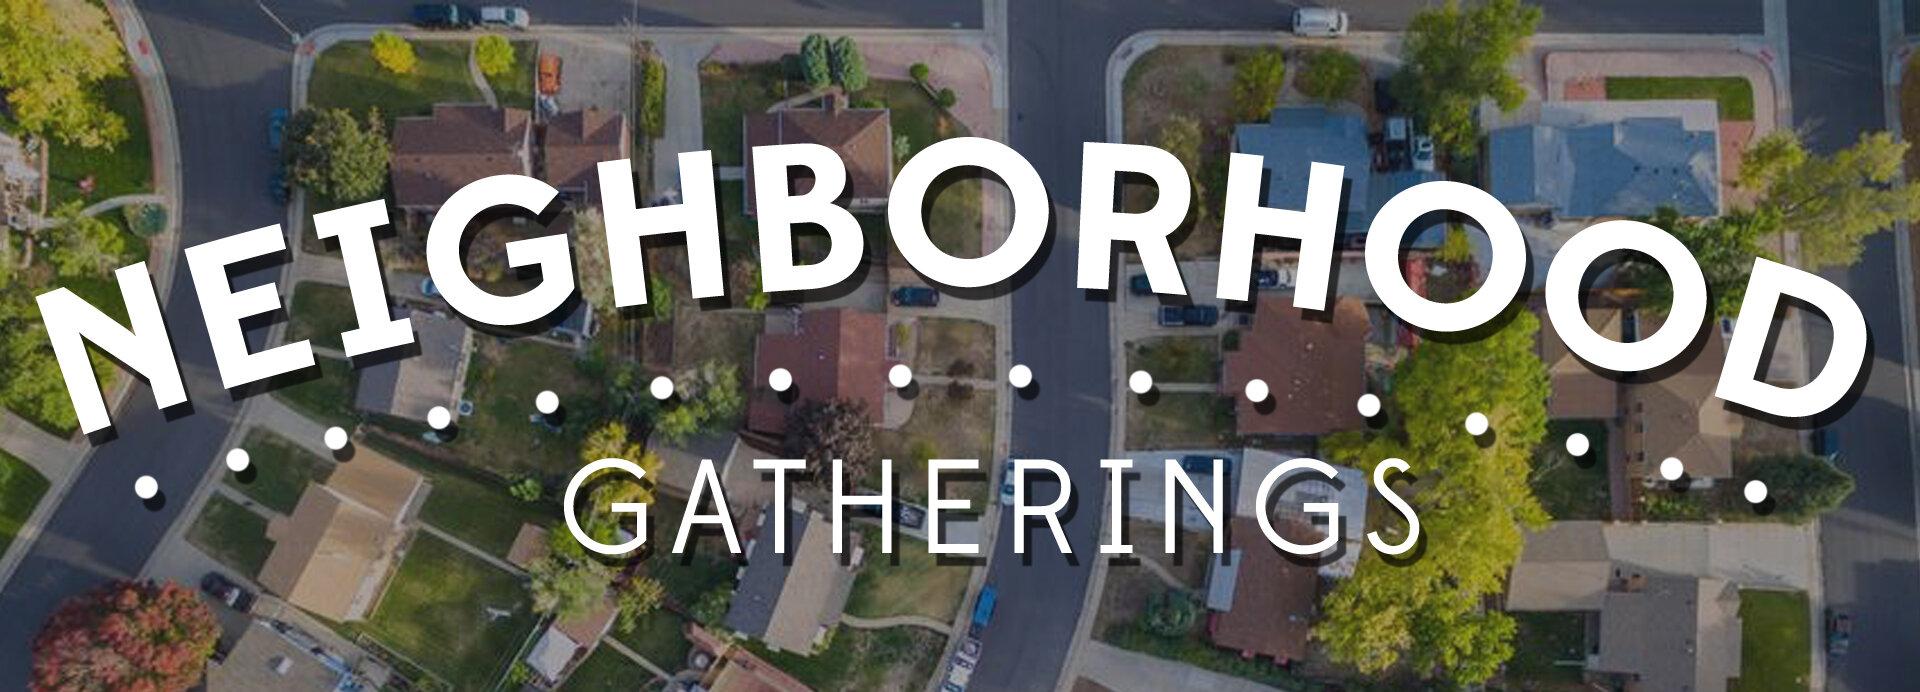 1920x692 Neighborhood Gatherings.jpg